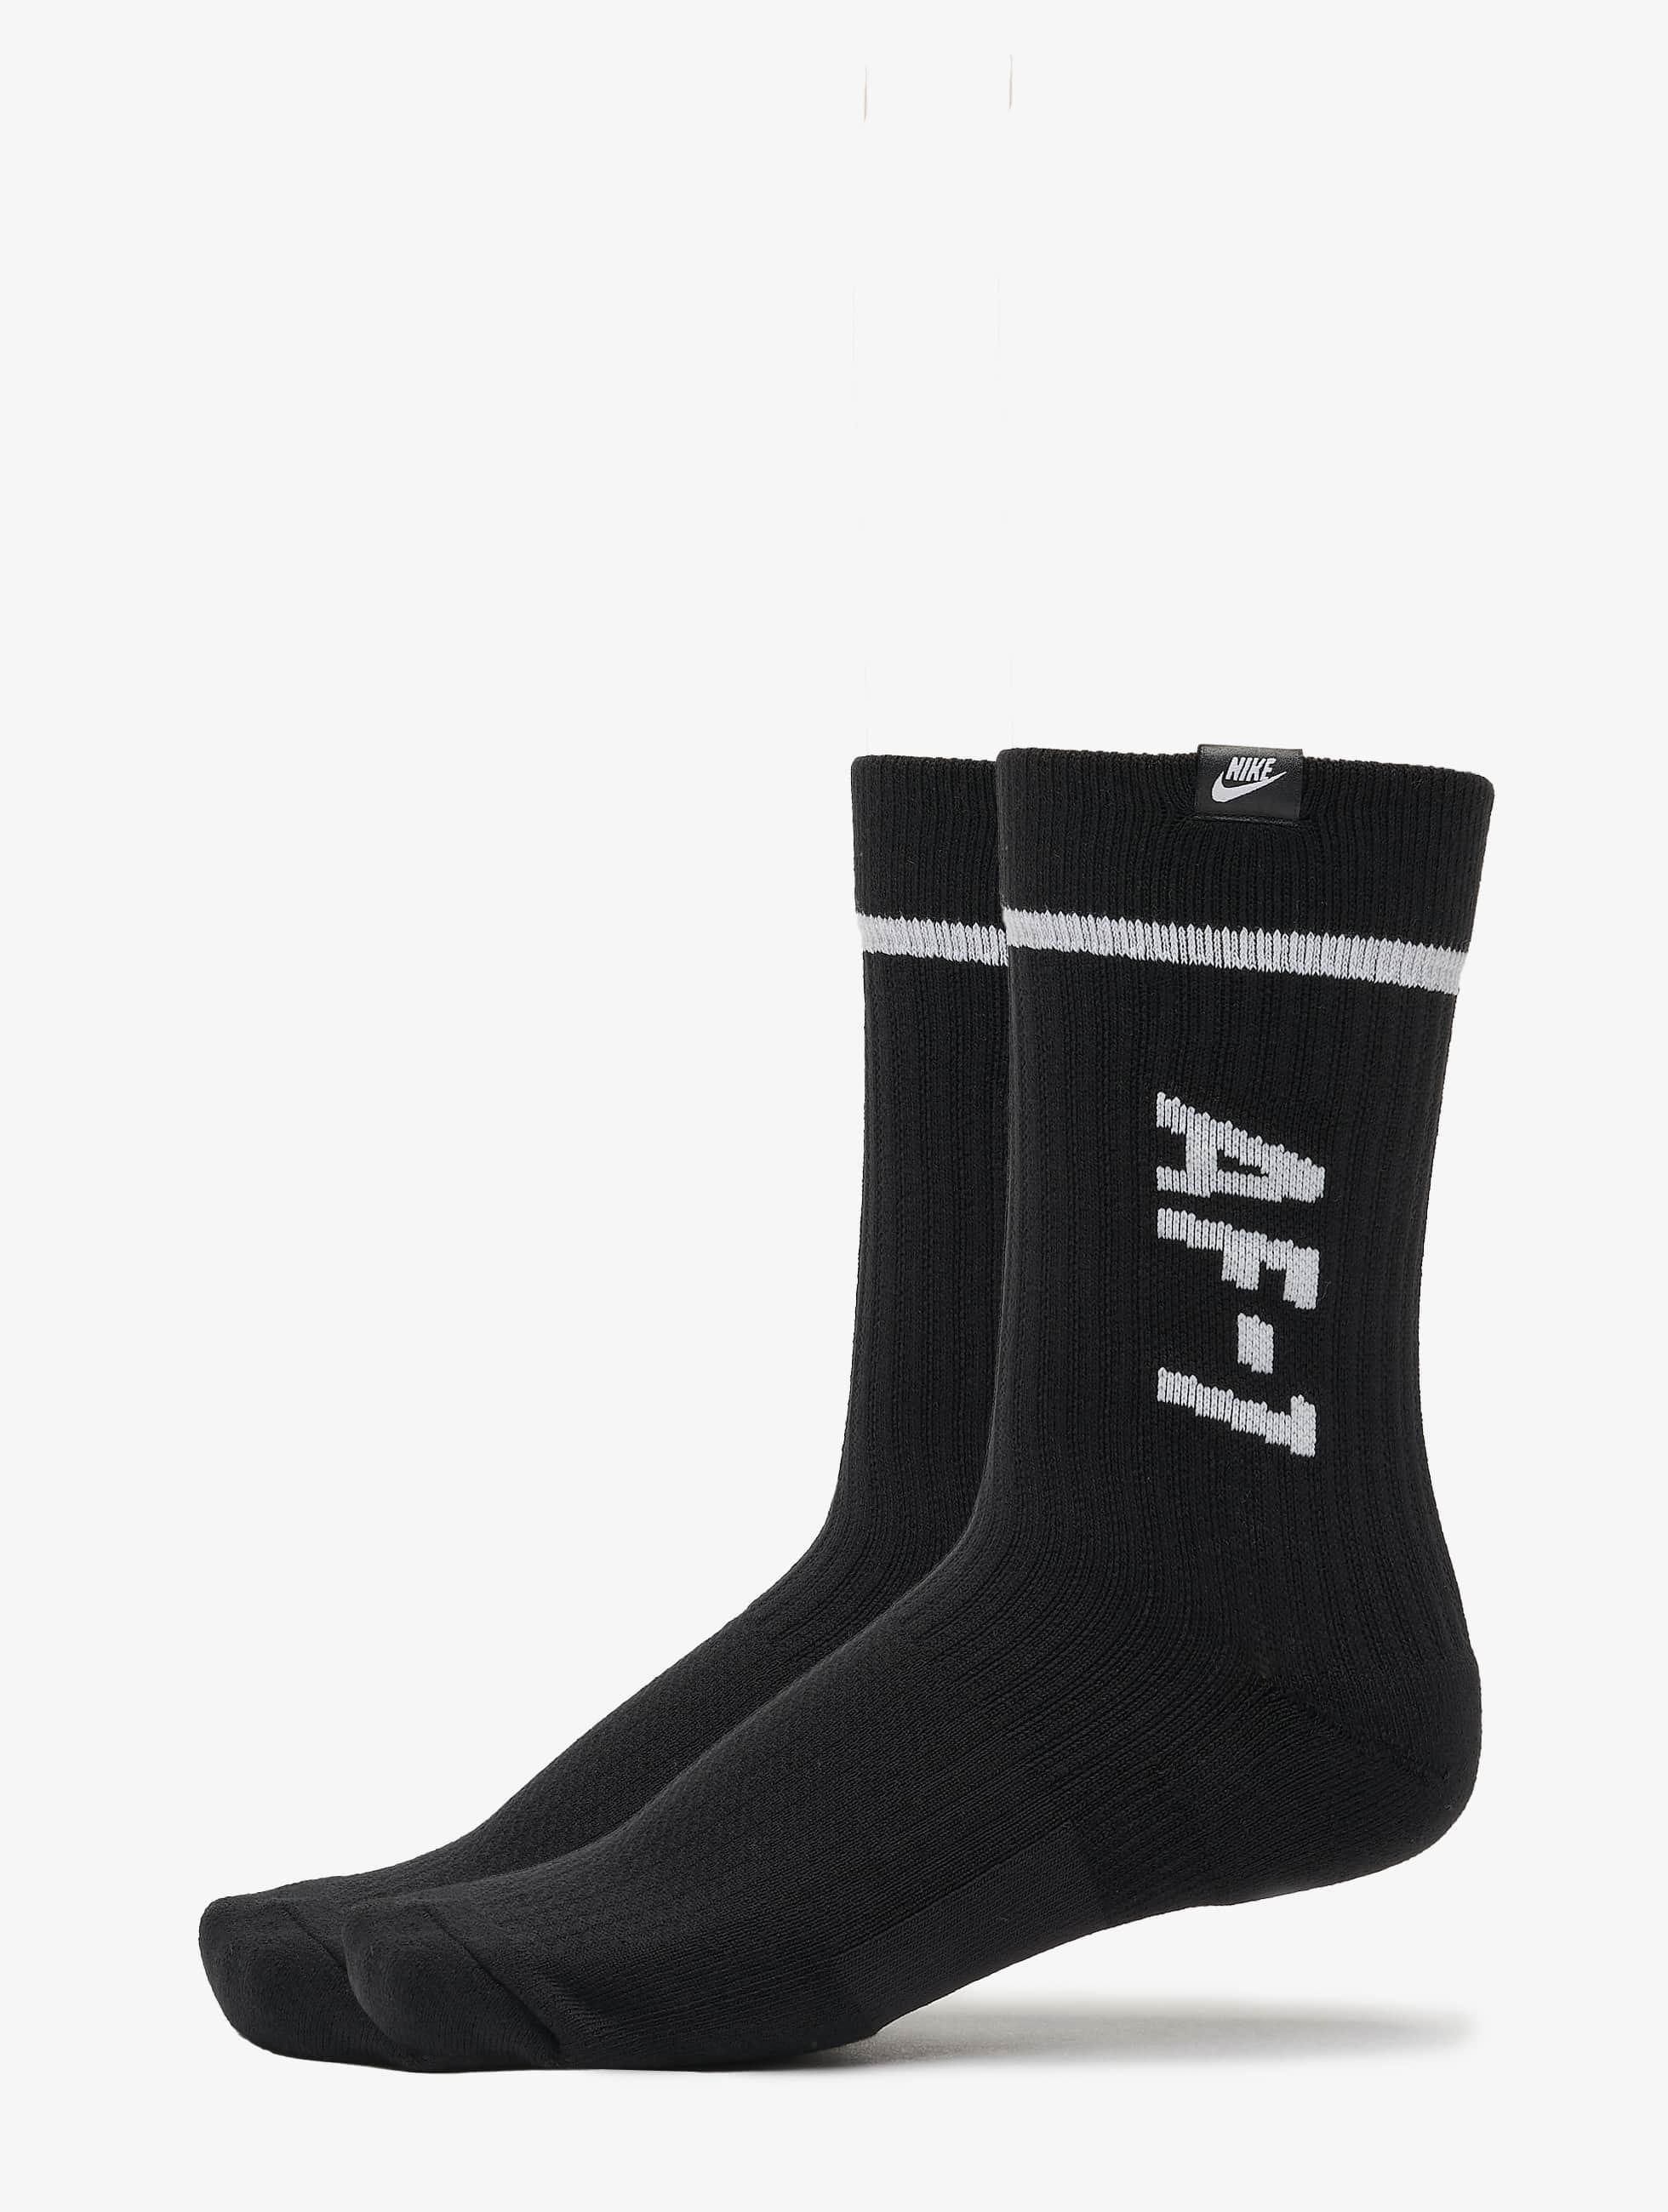 Nike AF1 Crew 2 Pair Socks BlackWhite